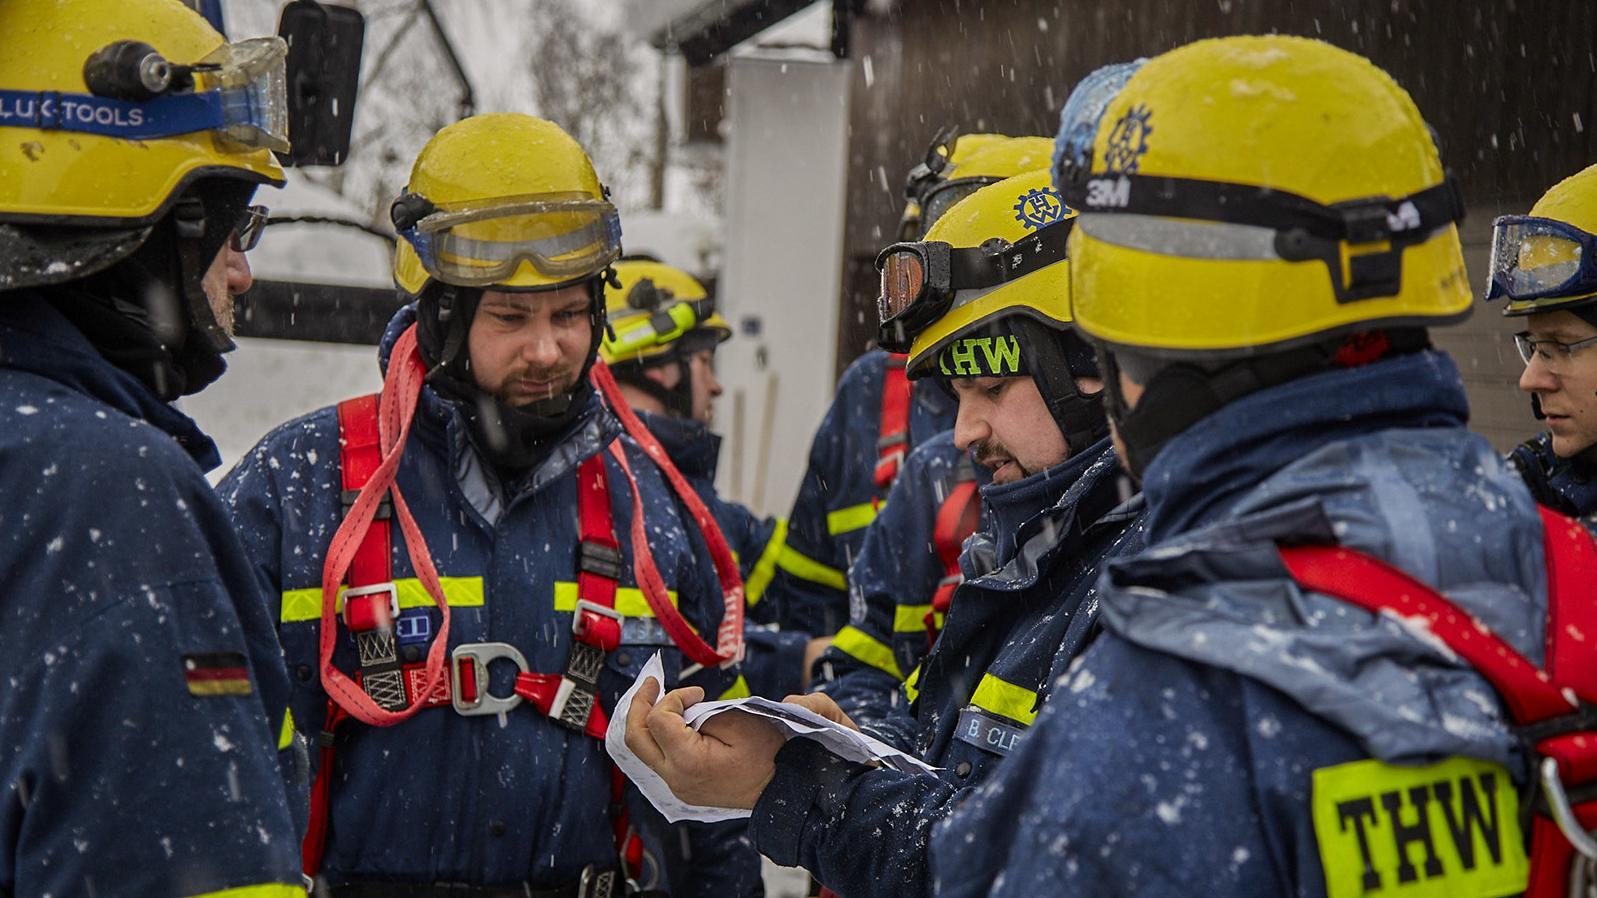 Einsatzkräfte aus Freising helfen in Traunstein